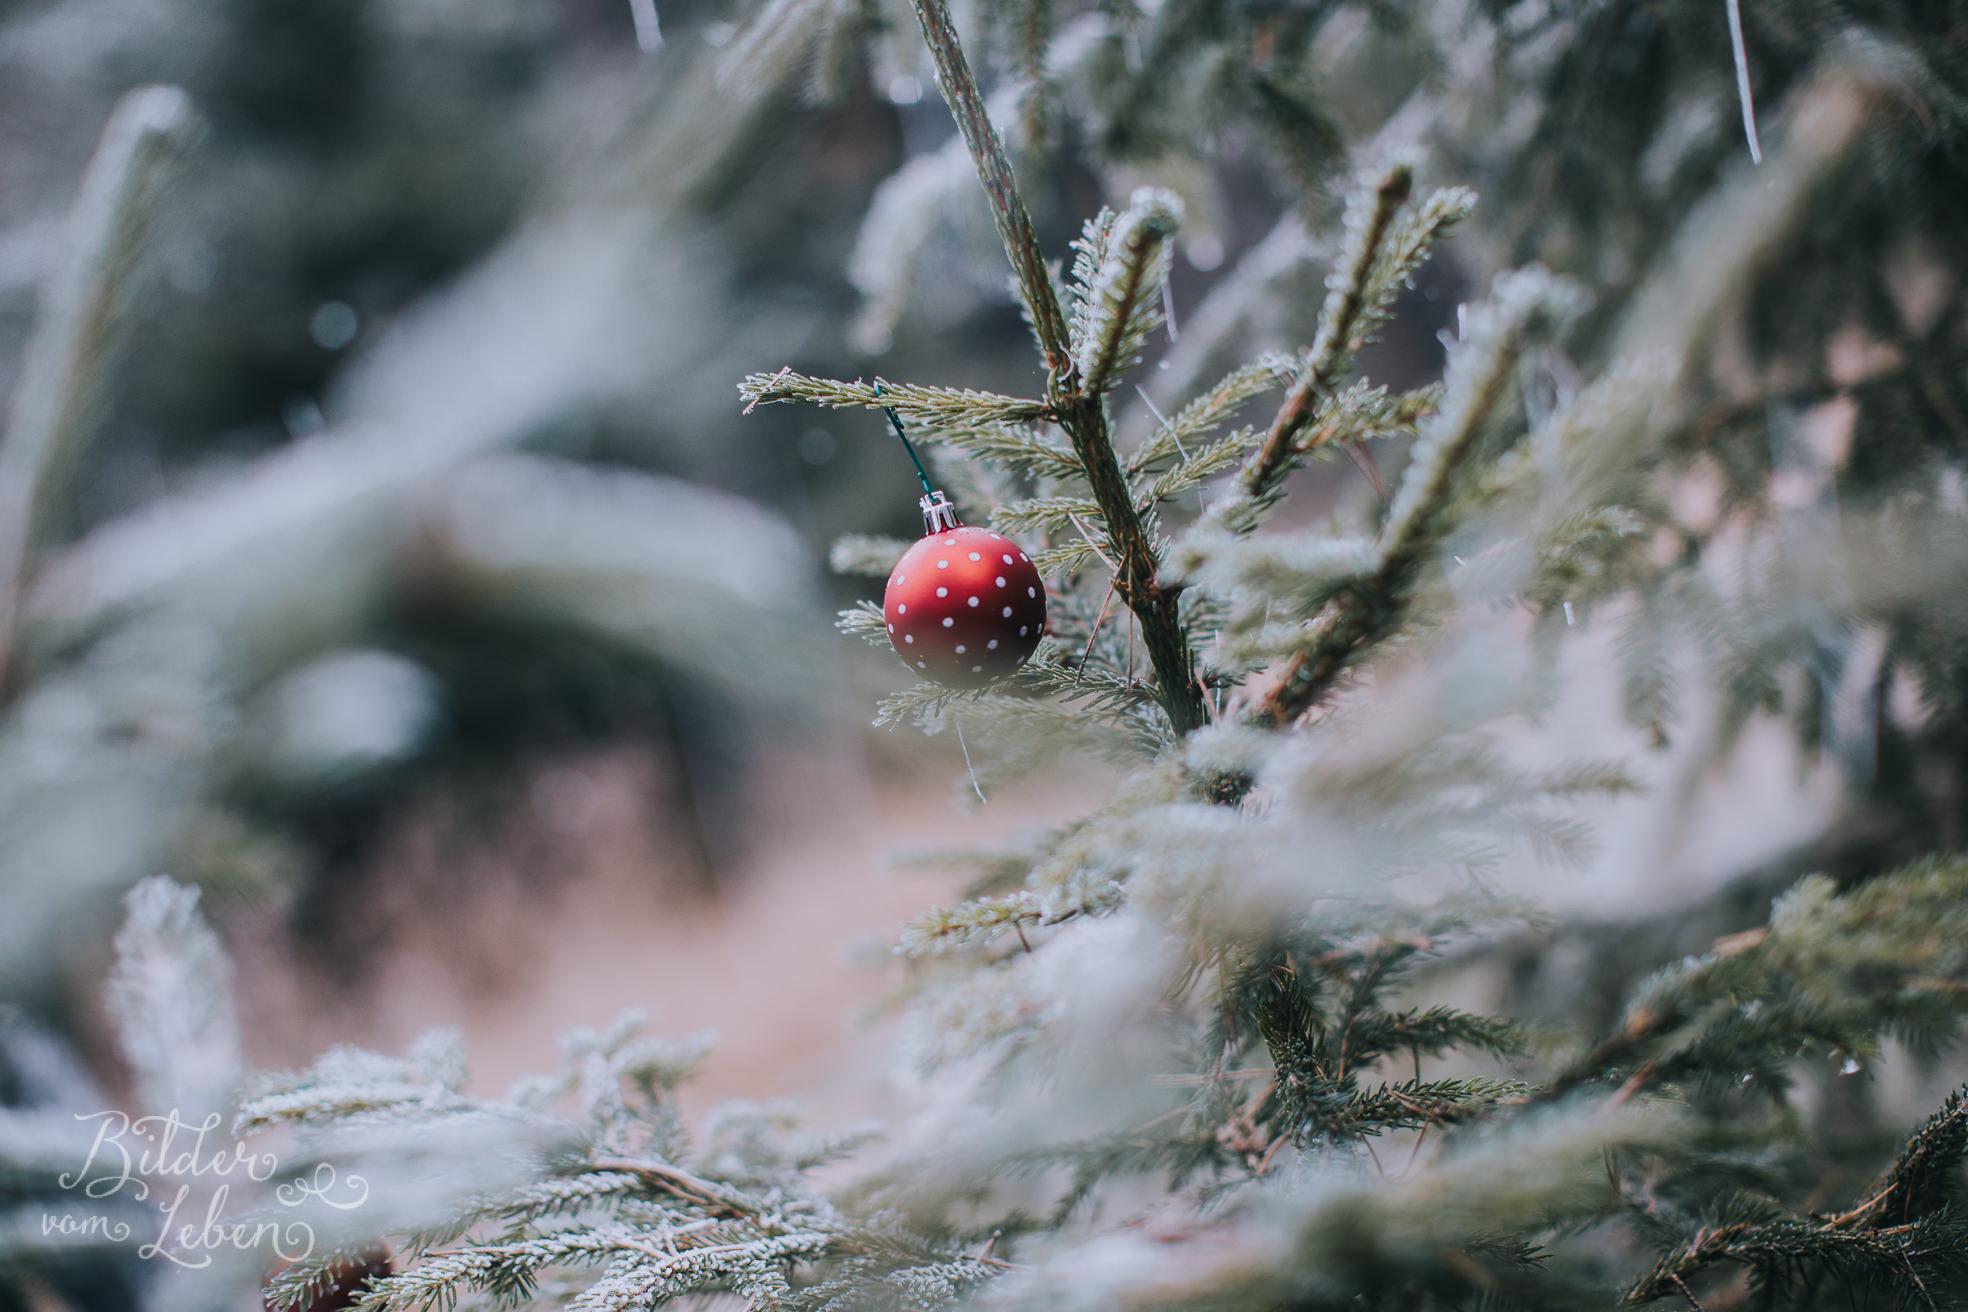 0041weihnachten-bildervomleben-imc39684